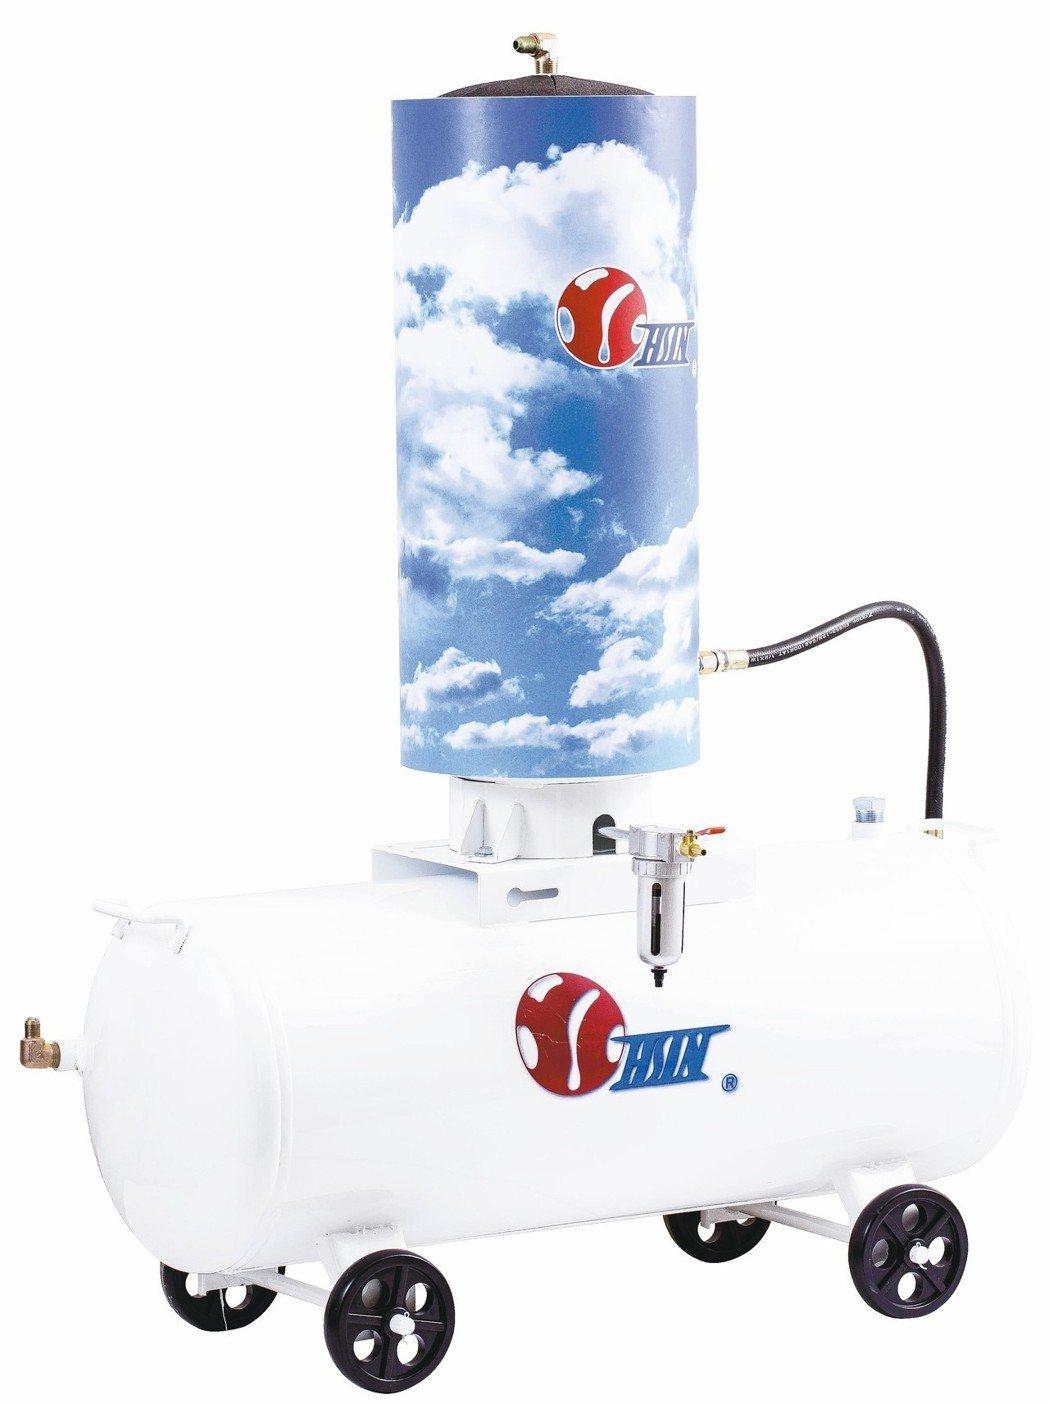 兆義新高效物理空壓式乾燥機,乾燥濾水效果可達99%。 兆義新/提供